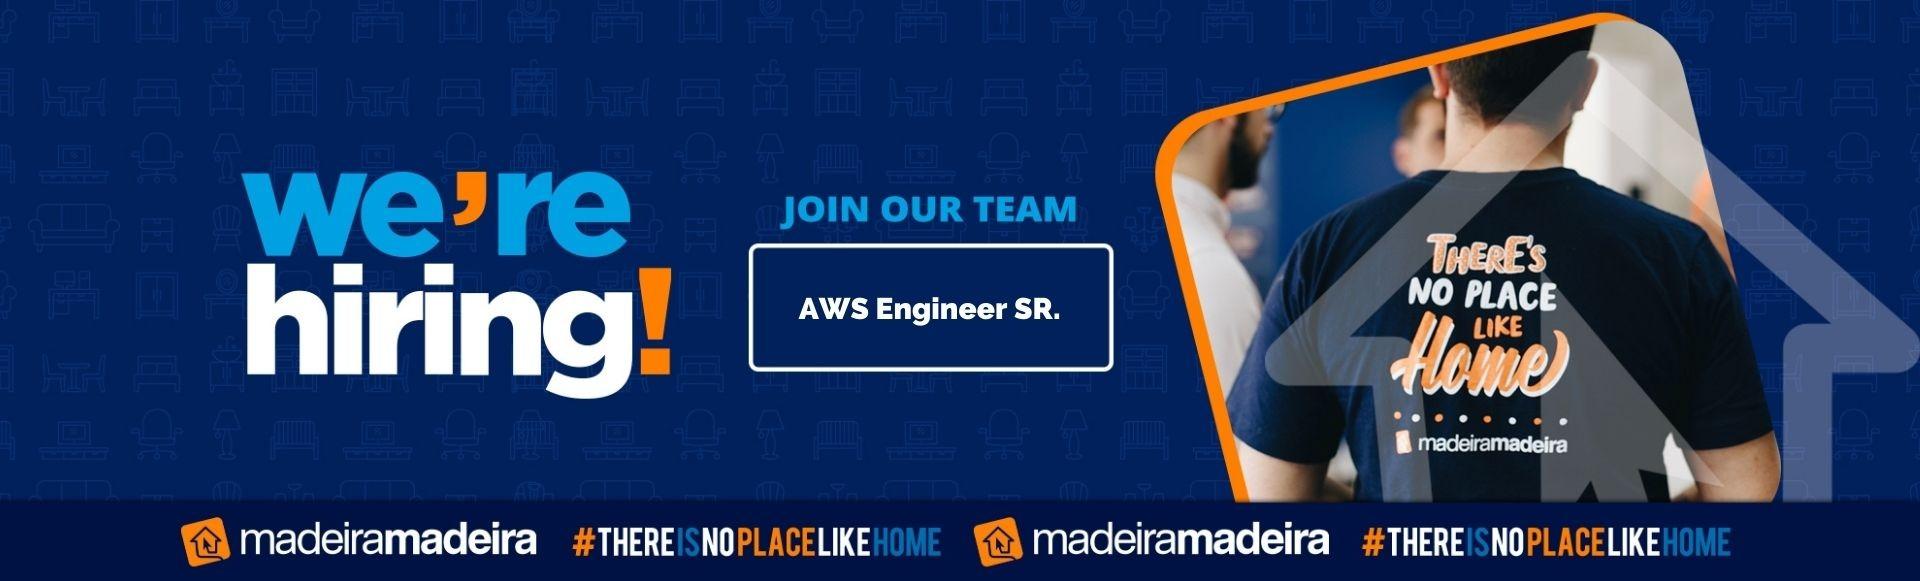 AWS Engineer SR